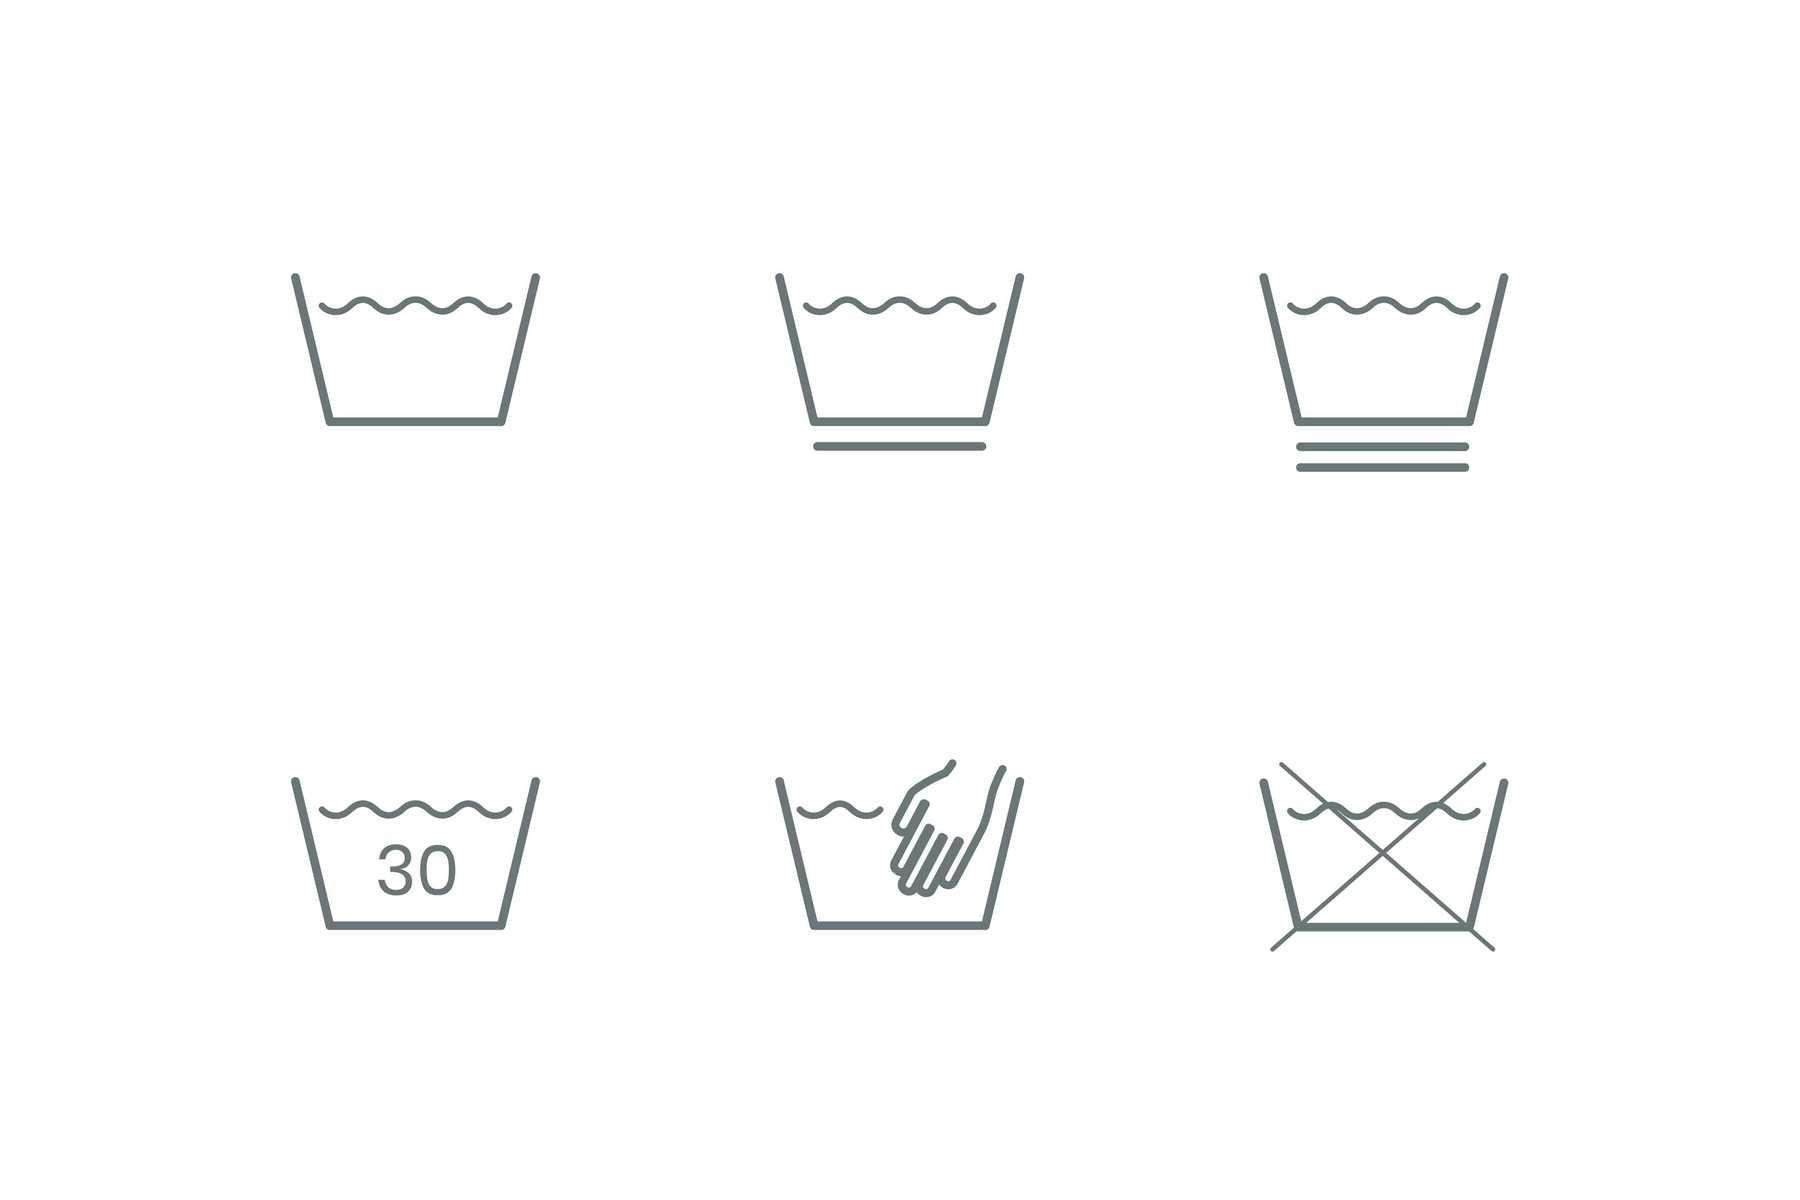 Các ký hiệu trên quần áo về việc giặt giũ